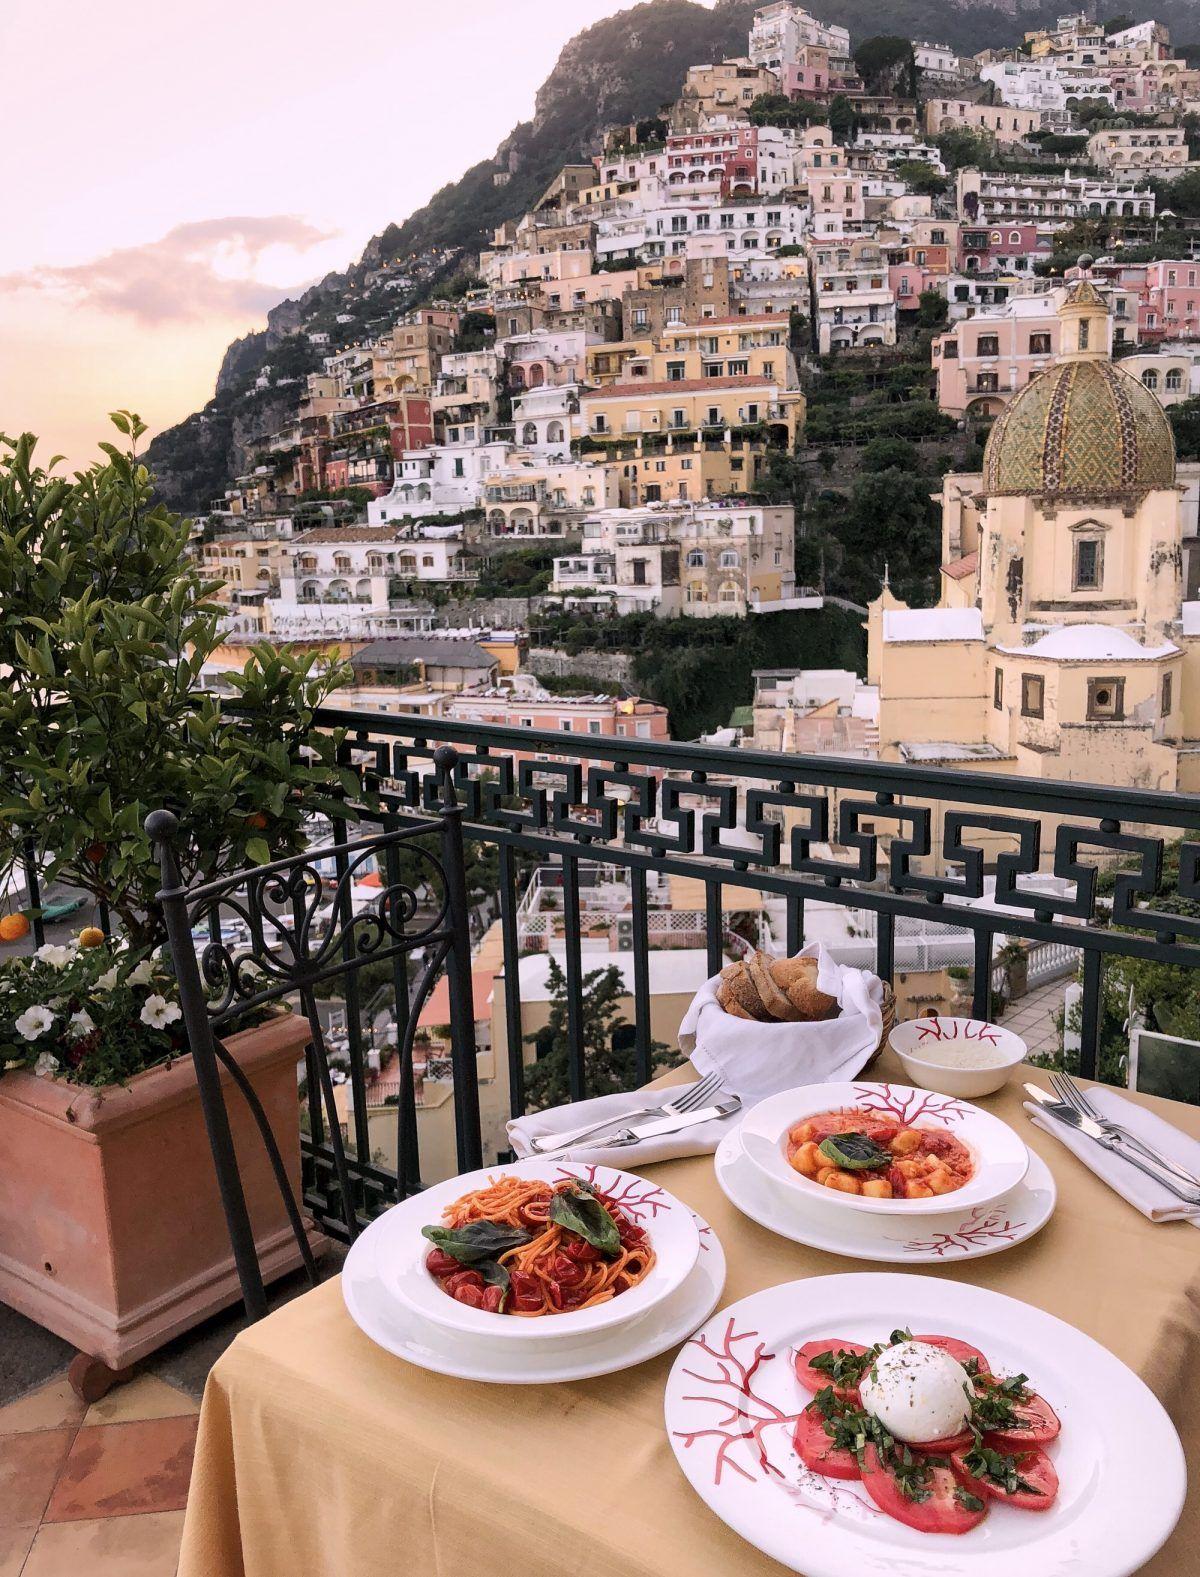 Amalfi coast travel guide + hotel reviews Amalfi coast